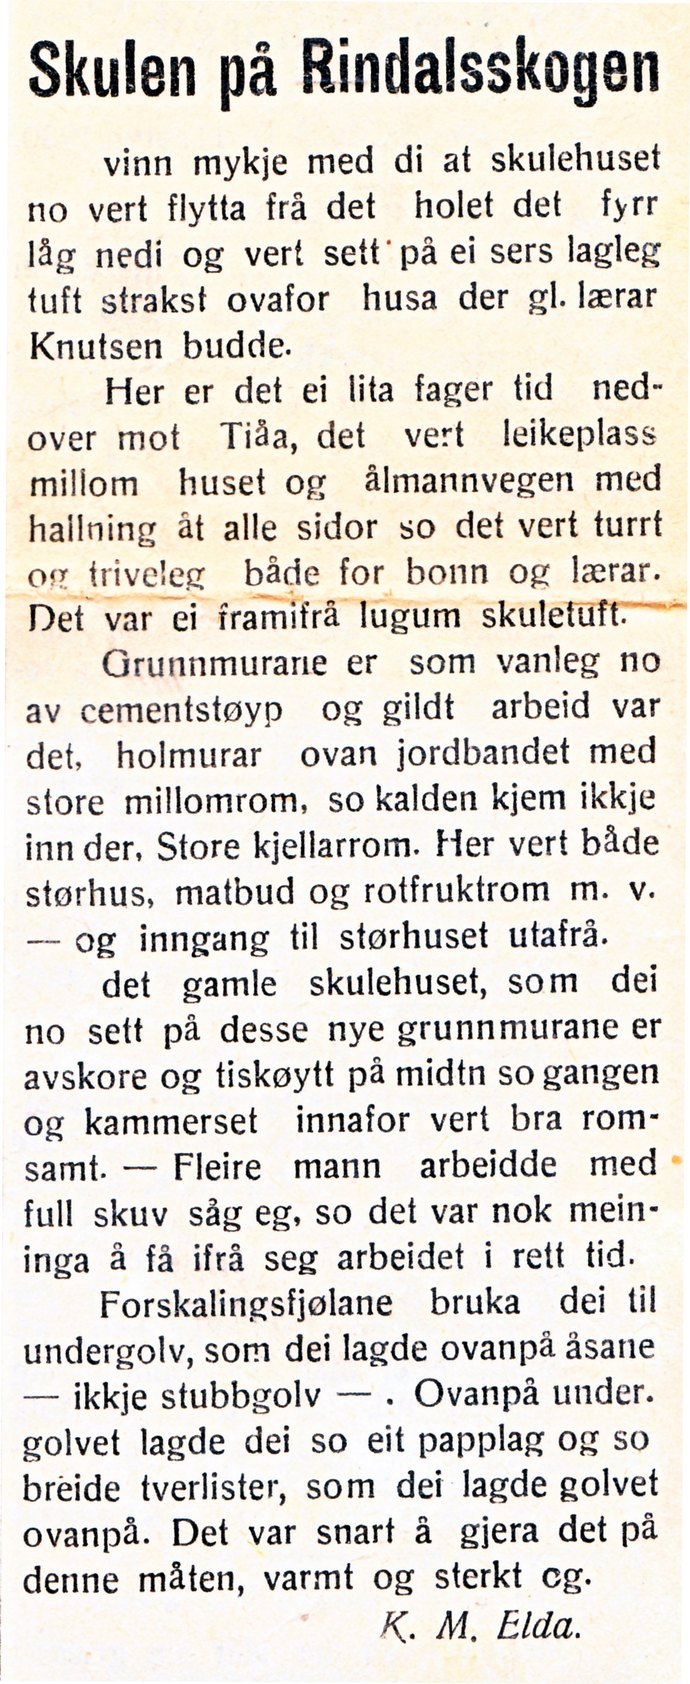 Skulen på Rindalsskogen_690x1684.jpg